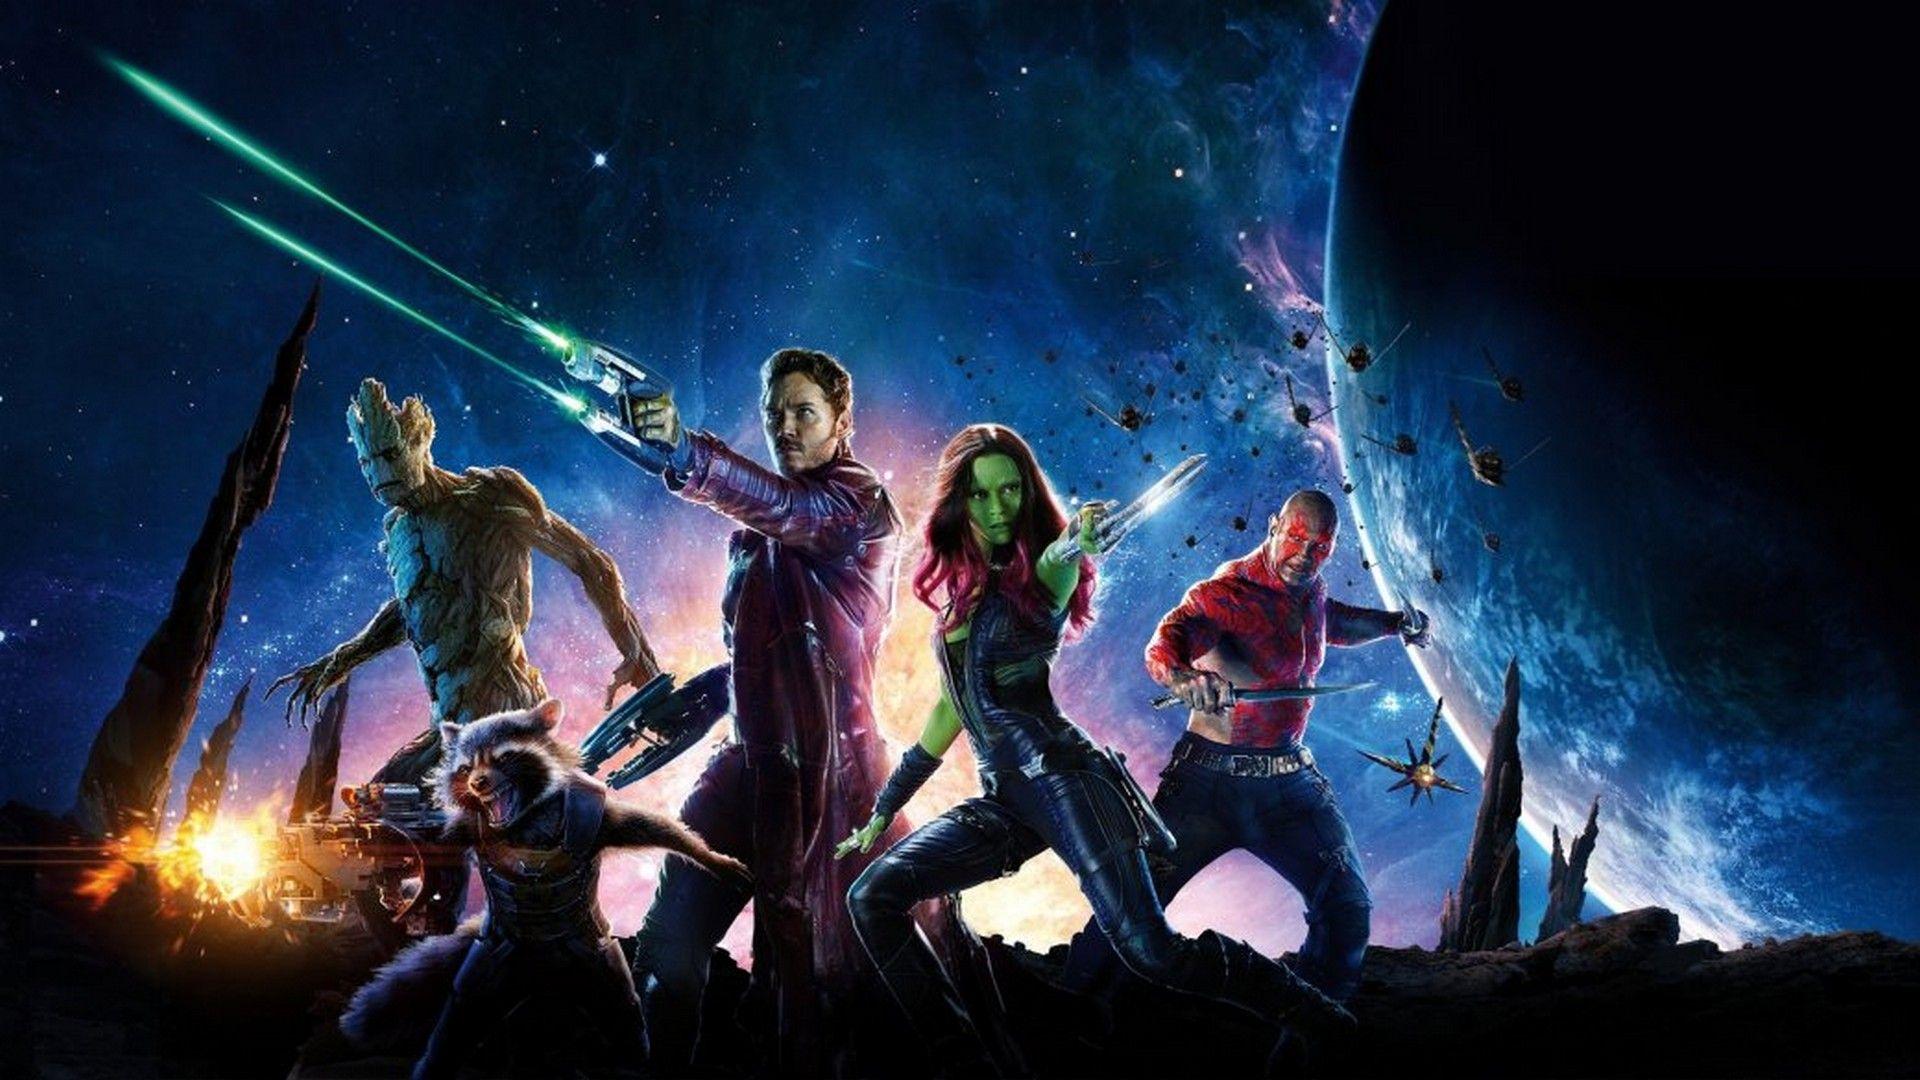 Pics photos description from nick jr favorites vol 2 dvd wallpaper - Hd Guardians Of The Galaxy Vol